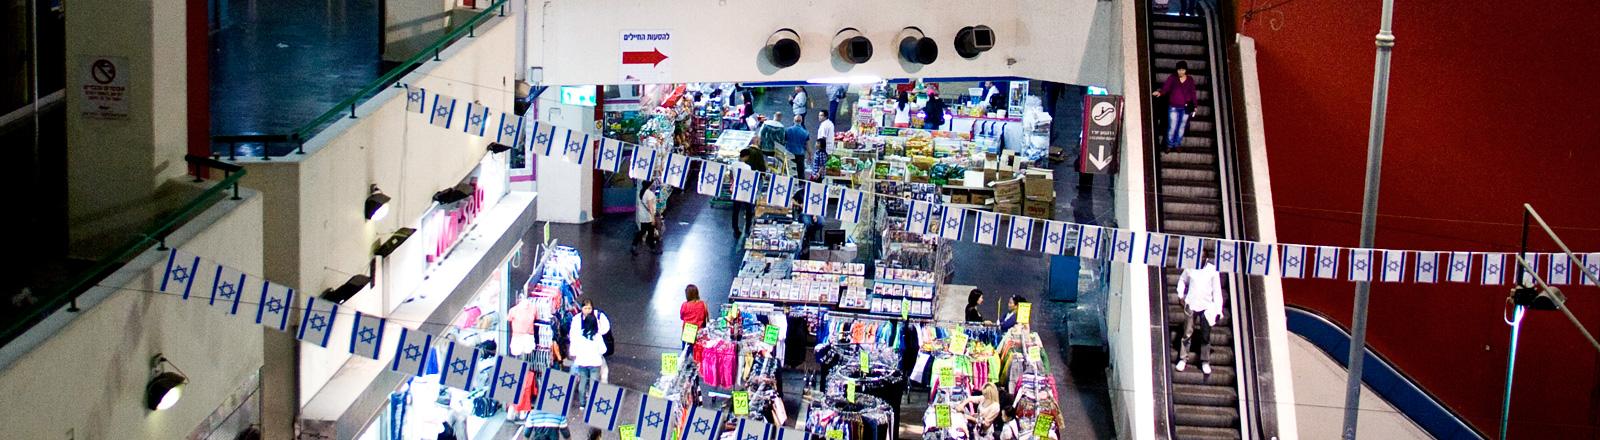 Blick auf Rolltreppen und Geschäfte